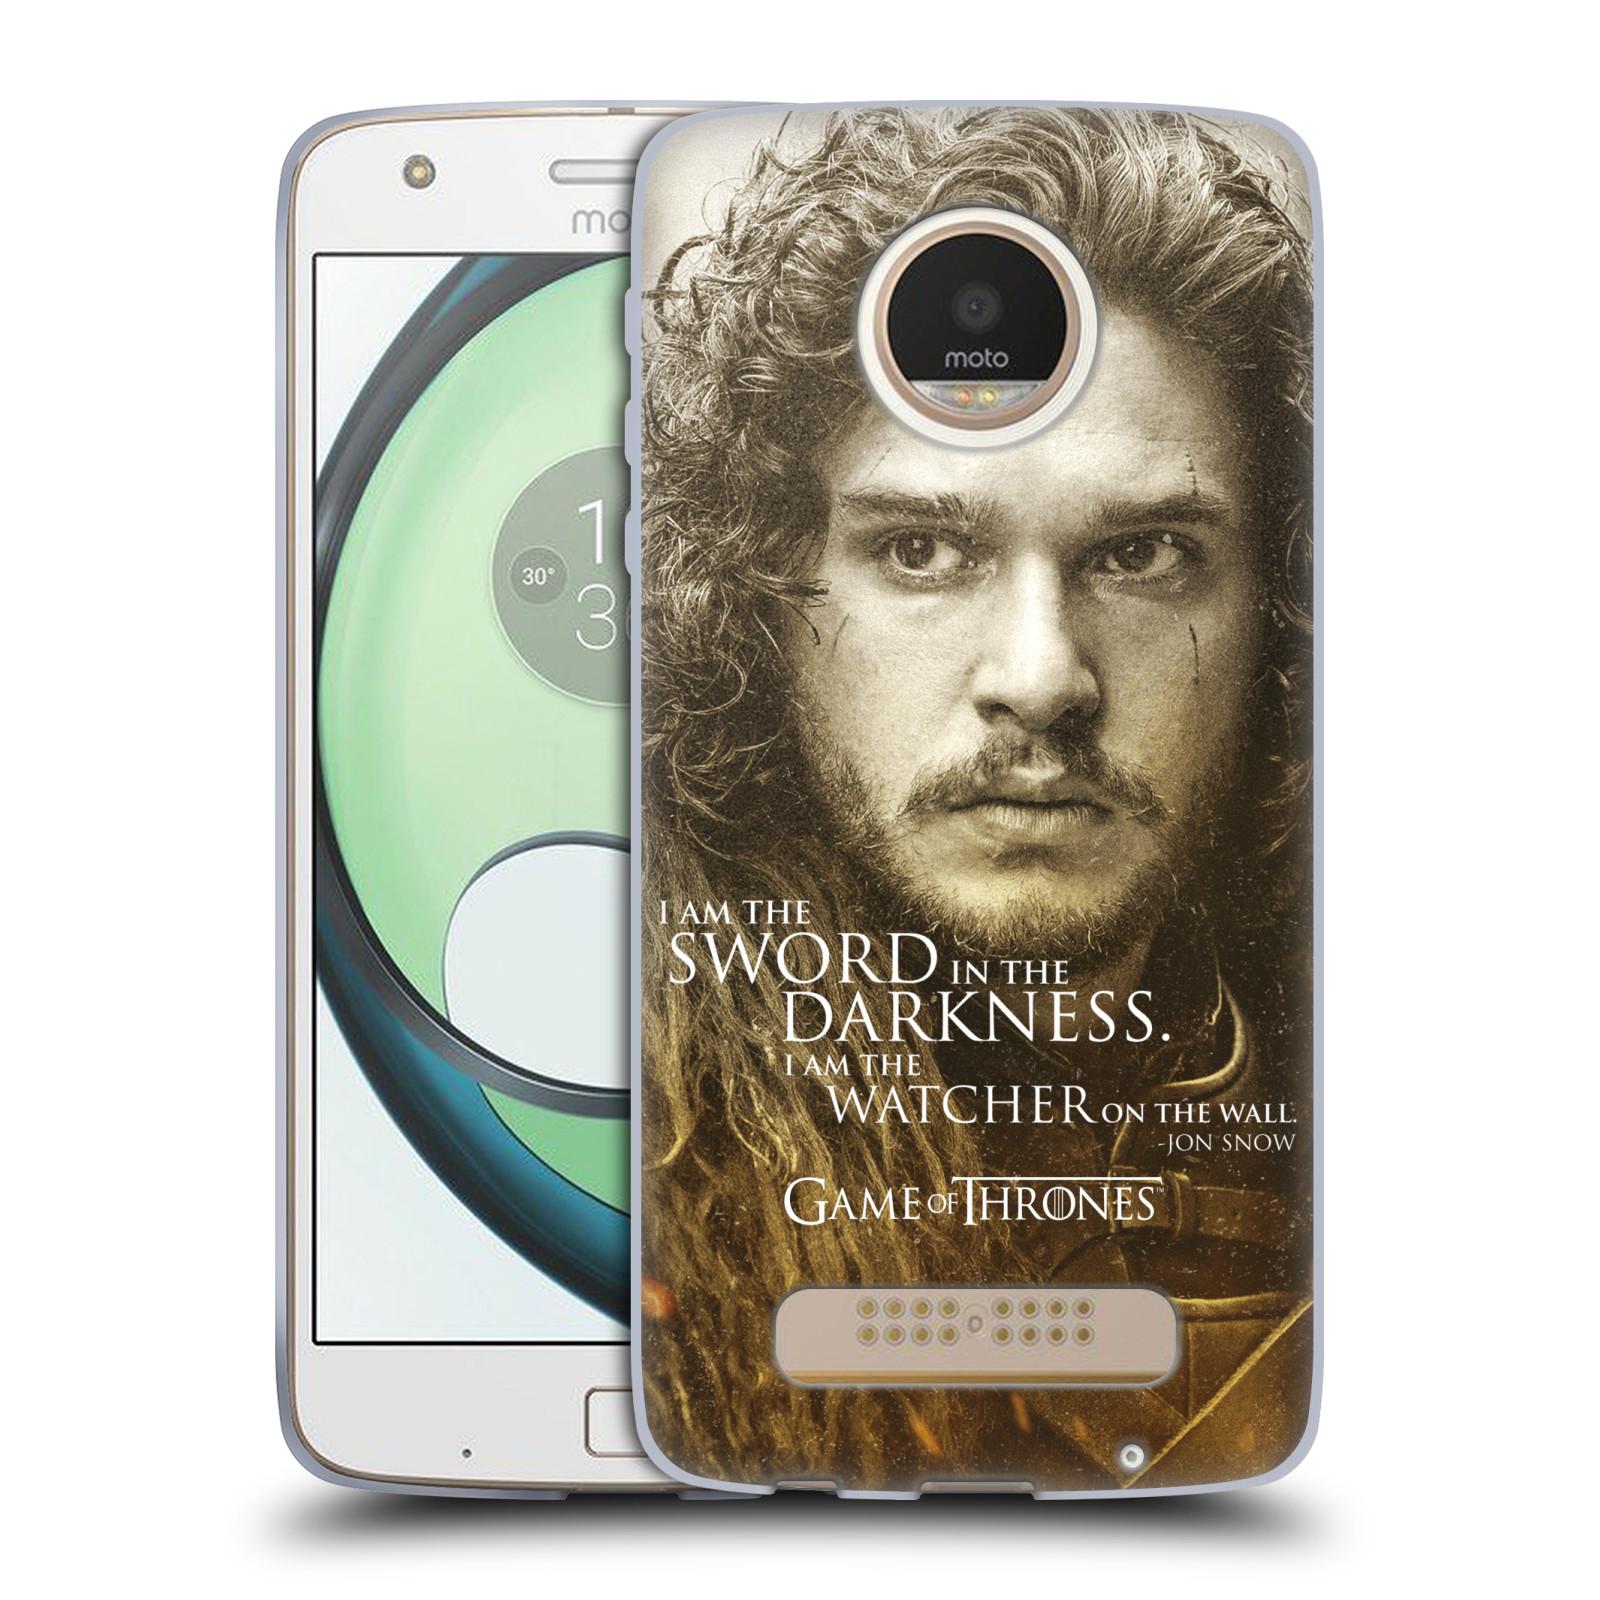 Silikonové pouzdro na mobil Lenovo Moto Z Play HEAD CASE Hra o trůny - Jon Snow (Silikonový kryt či obal na mobilní telefon s licencovaným motivem Hra o trůny - Game Of Thrones pro Lenovo Moto Z Play)